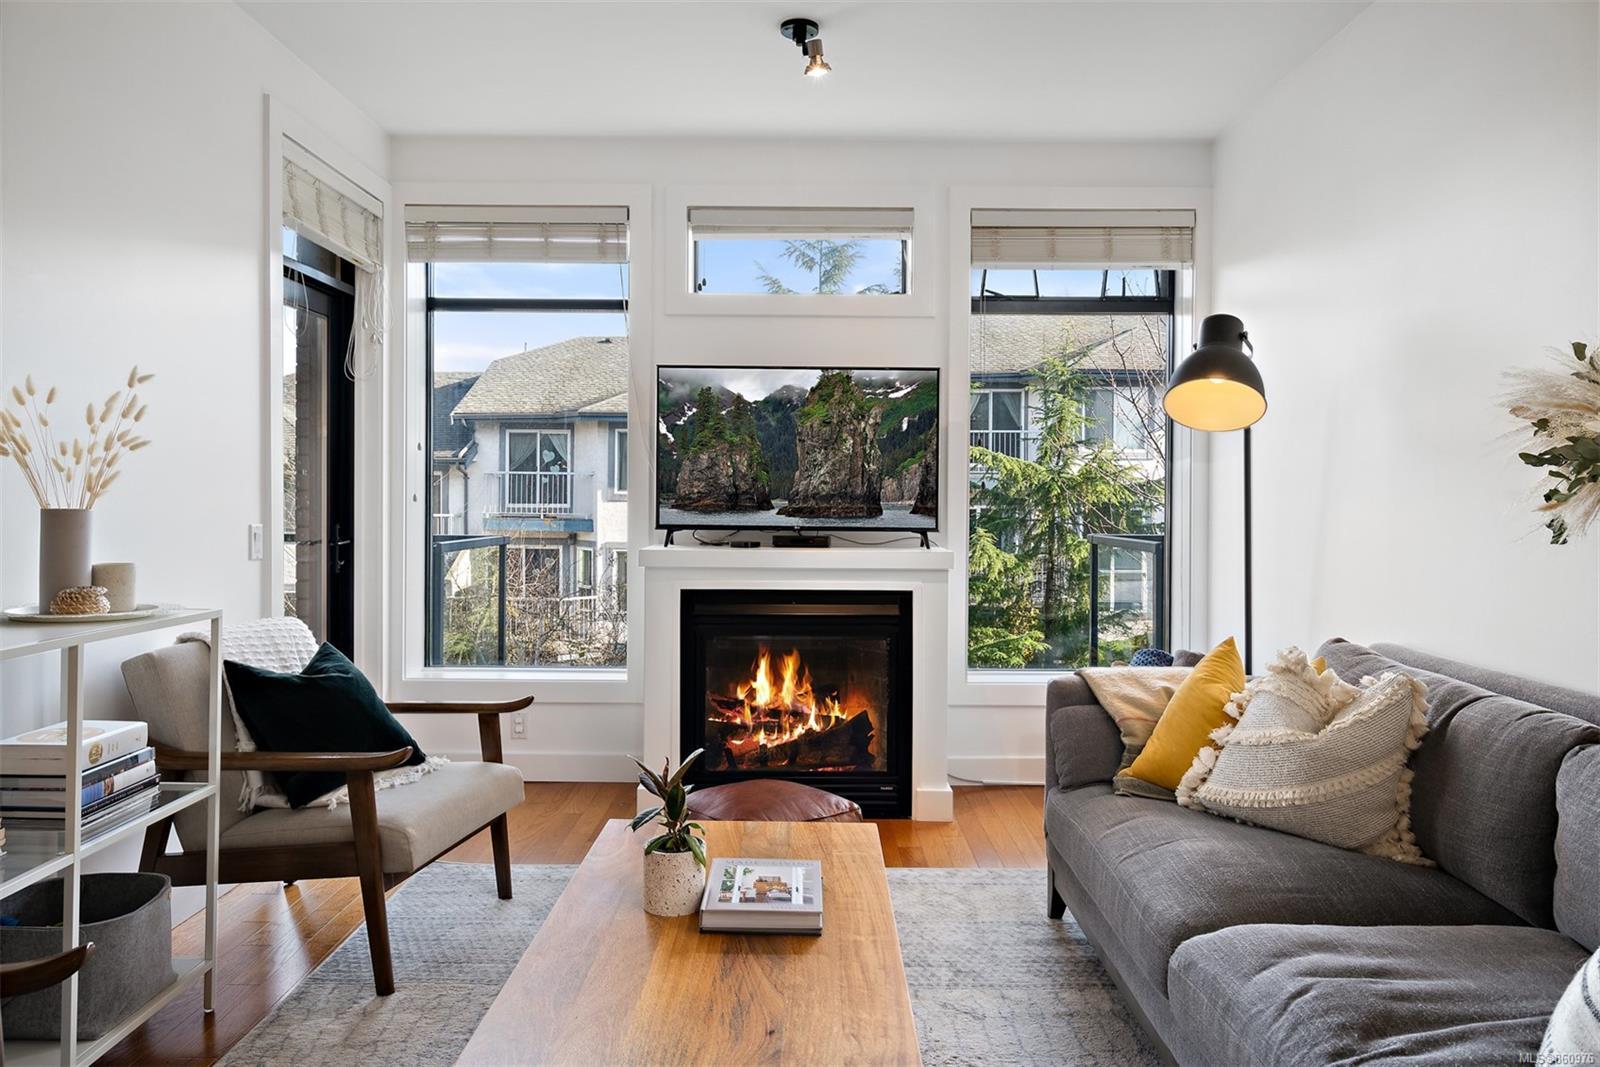 204 - 3259 Alder Street, Mayfair, Victoria photo number 2